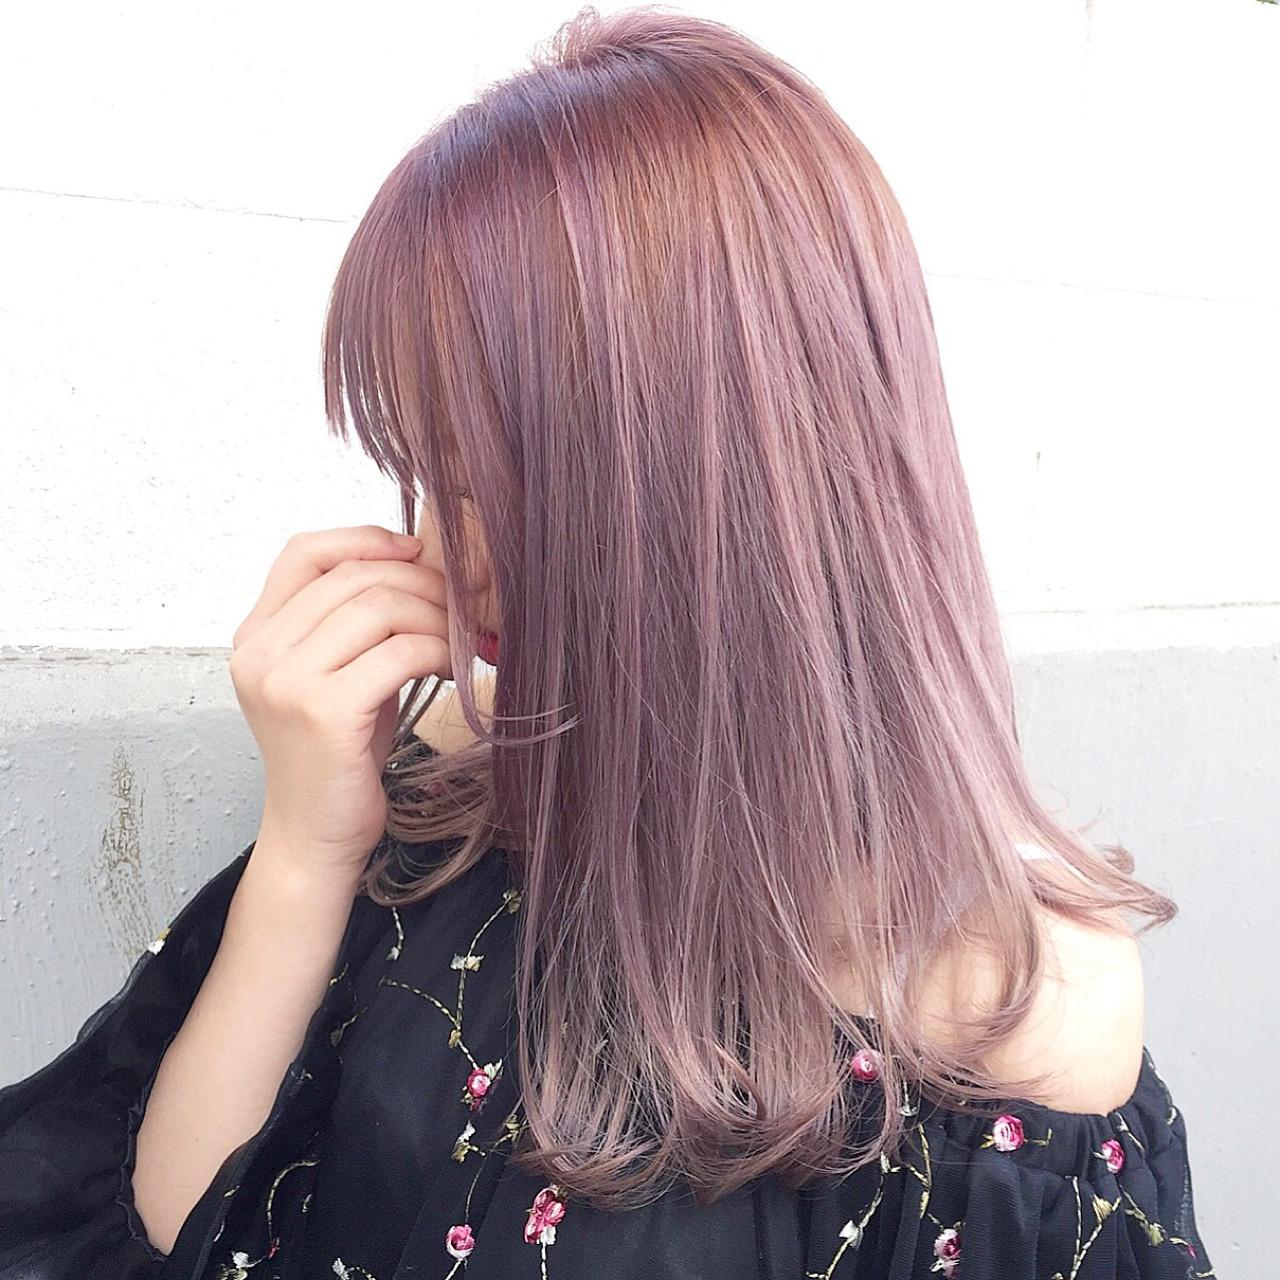 《2019年秋ヘアカラー》この季節のトレンドの髪色を徹底解説♡の11枚目の画像